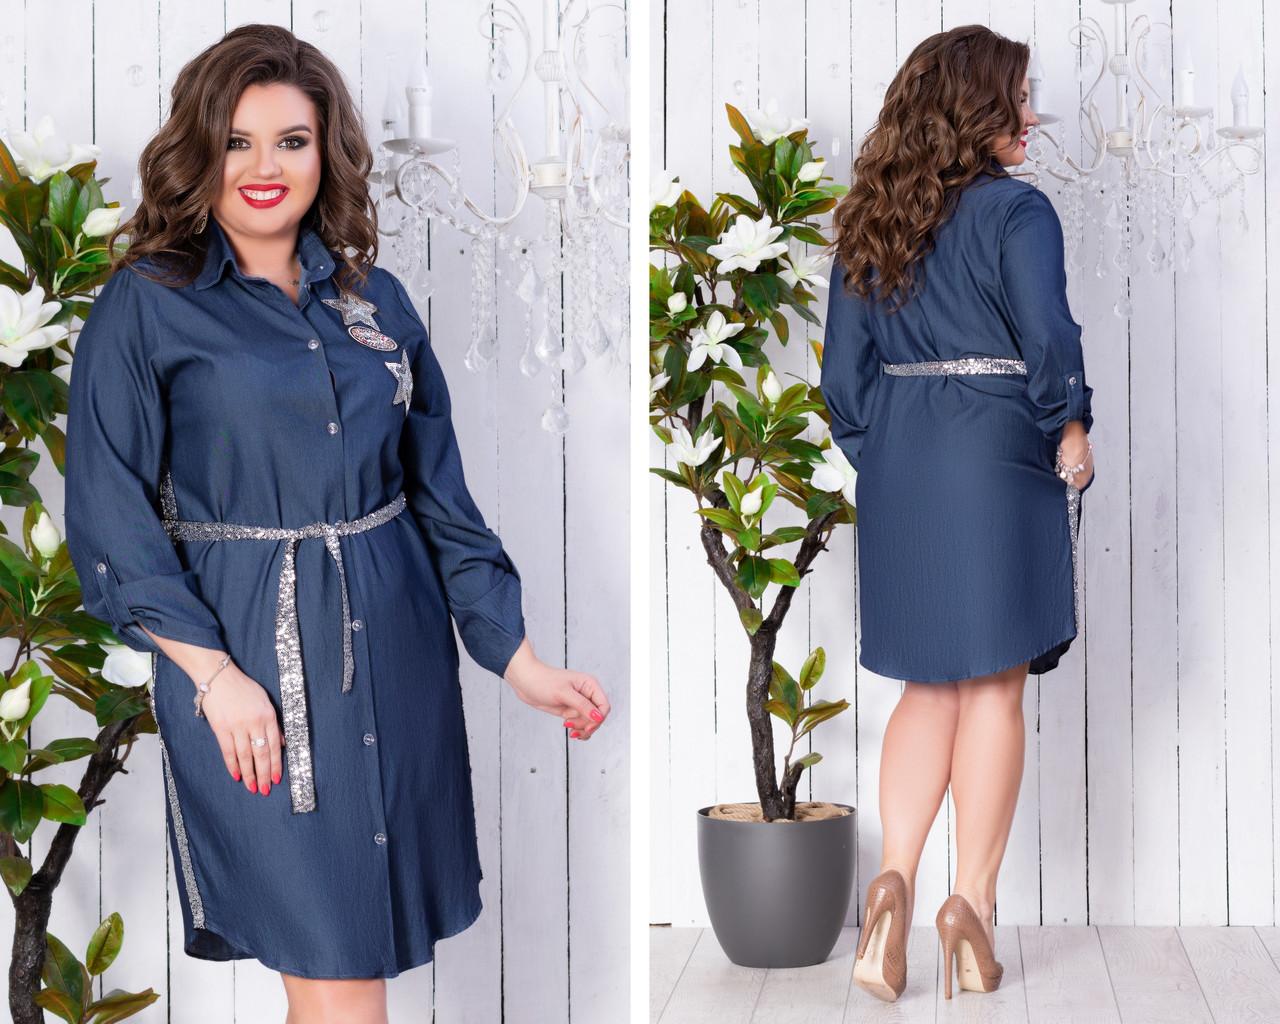 15cde8fd480 Женское стильное платье-рубашка из дорогой ткани высокого качества. Большие  размеры